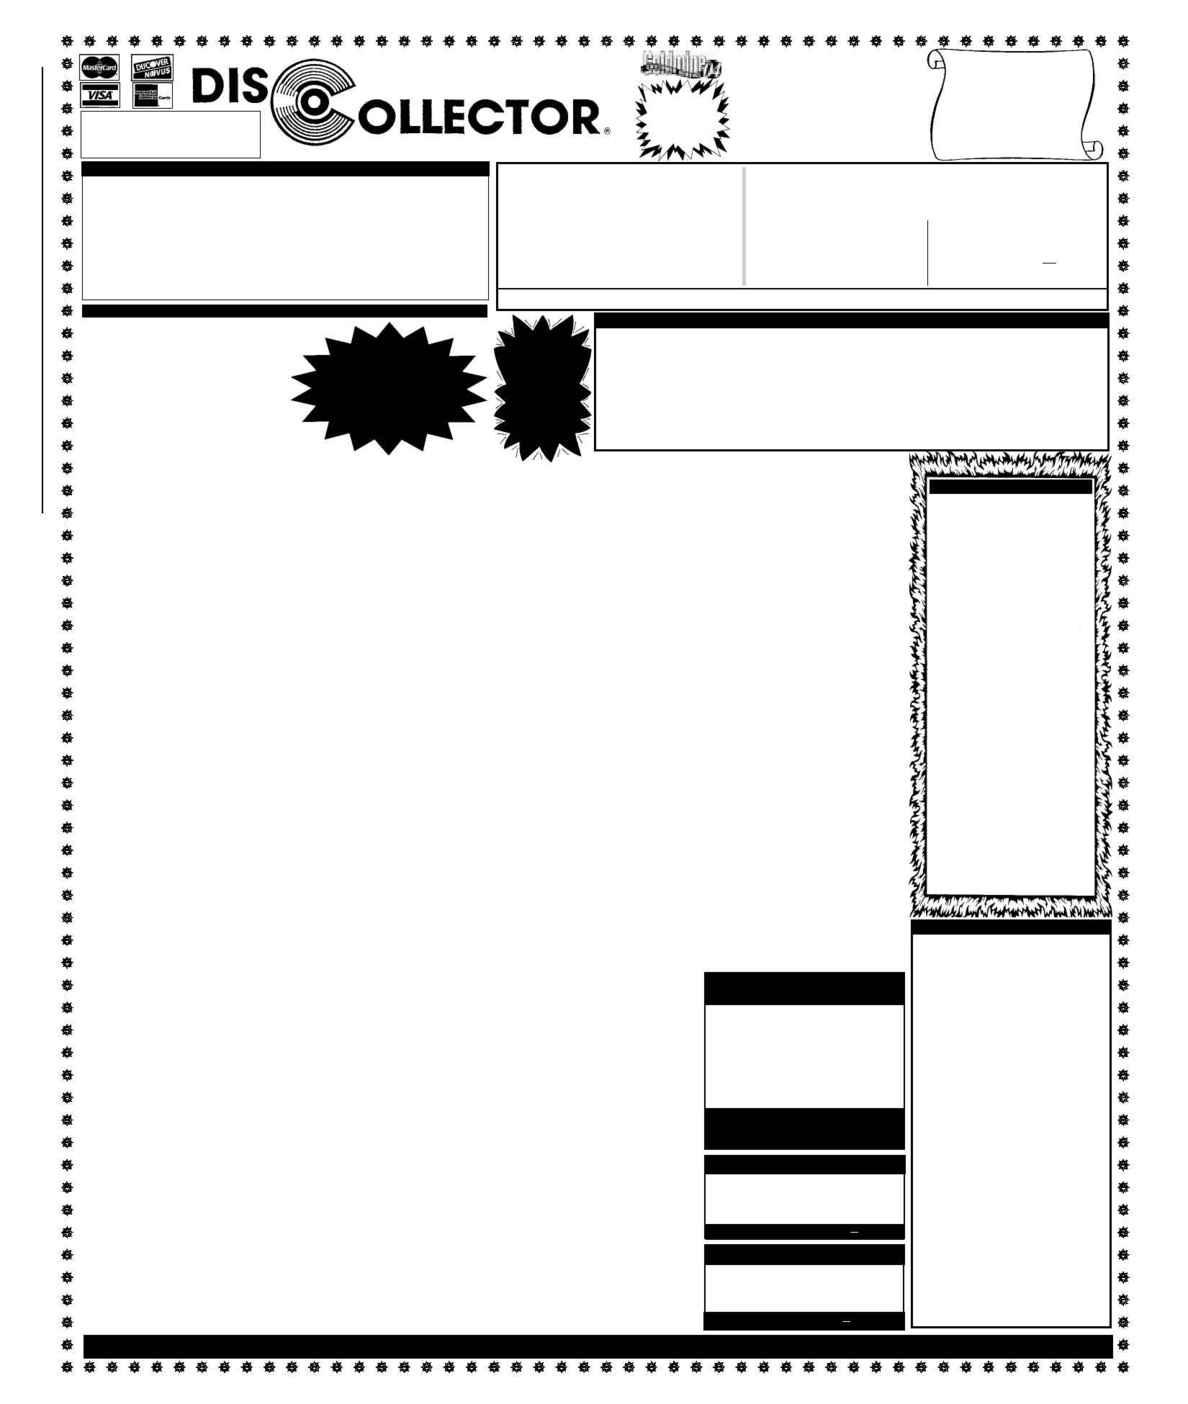 Collect.com - 720100